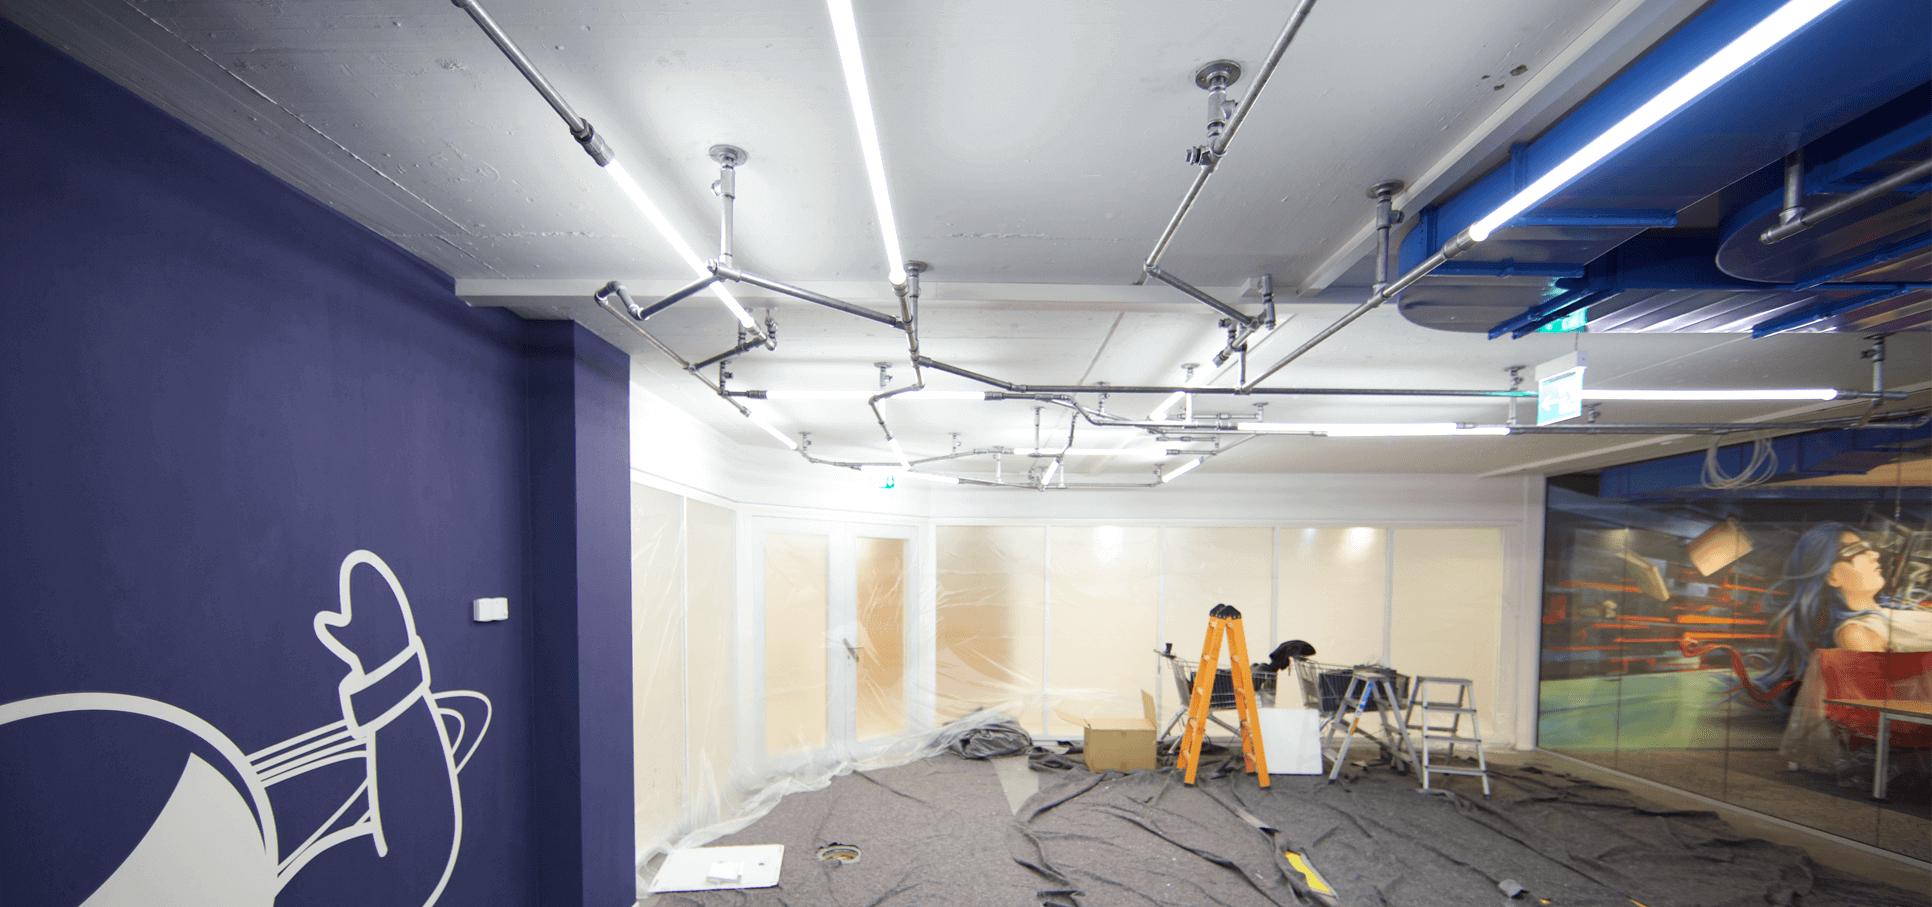 Ladenbau-wasserrohr-baslerpark-installation-licht.png